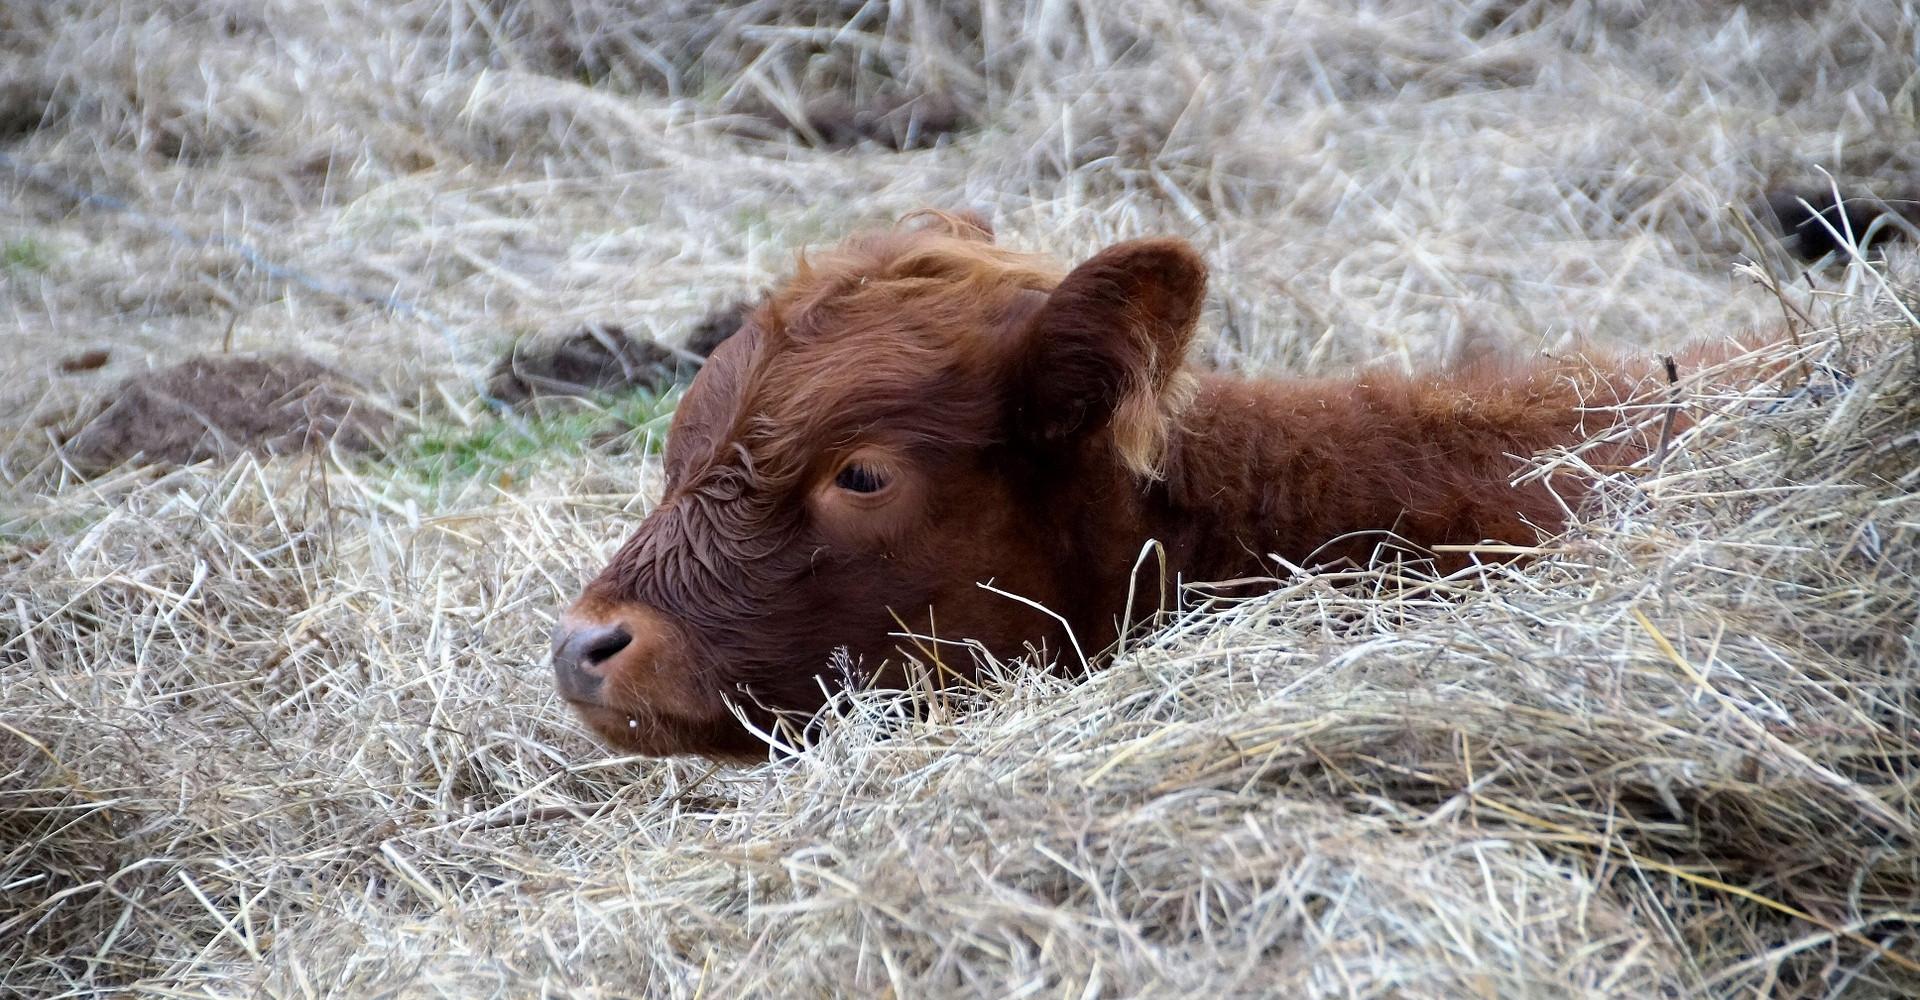 Tierarzt für Rinder - Rinderpraxis in Zweibrücken